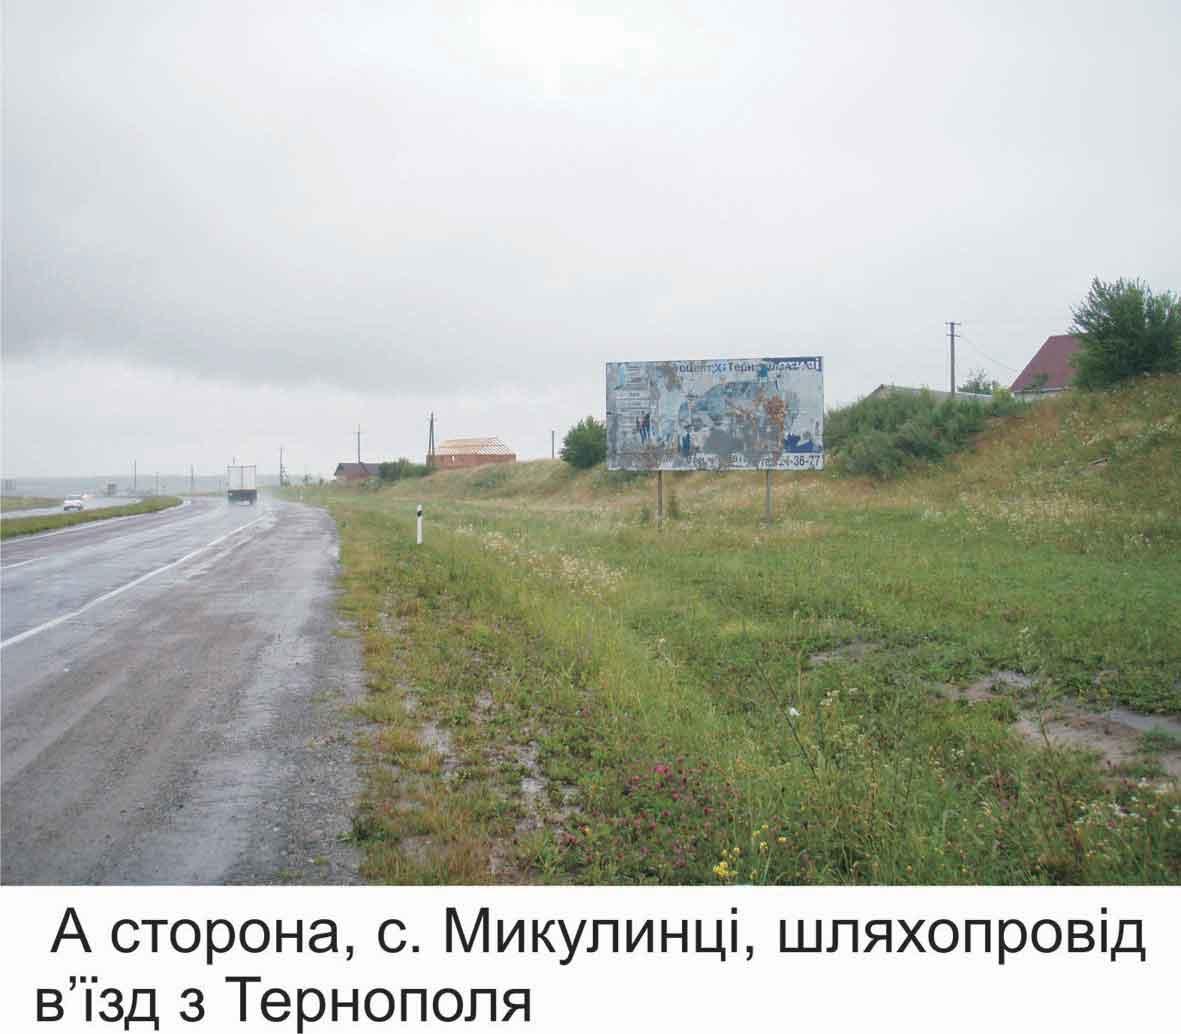 село Микулинці (шляхопровід) в'їзд з Тернополя